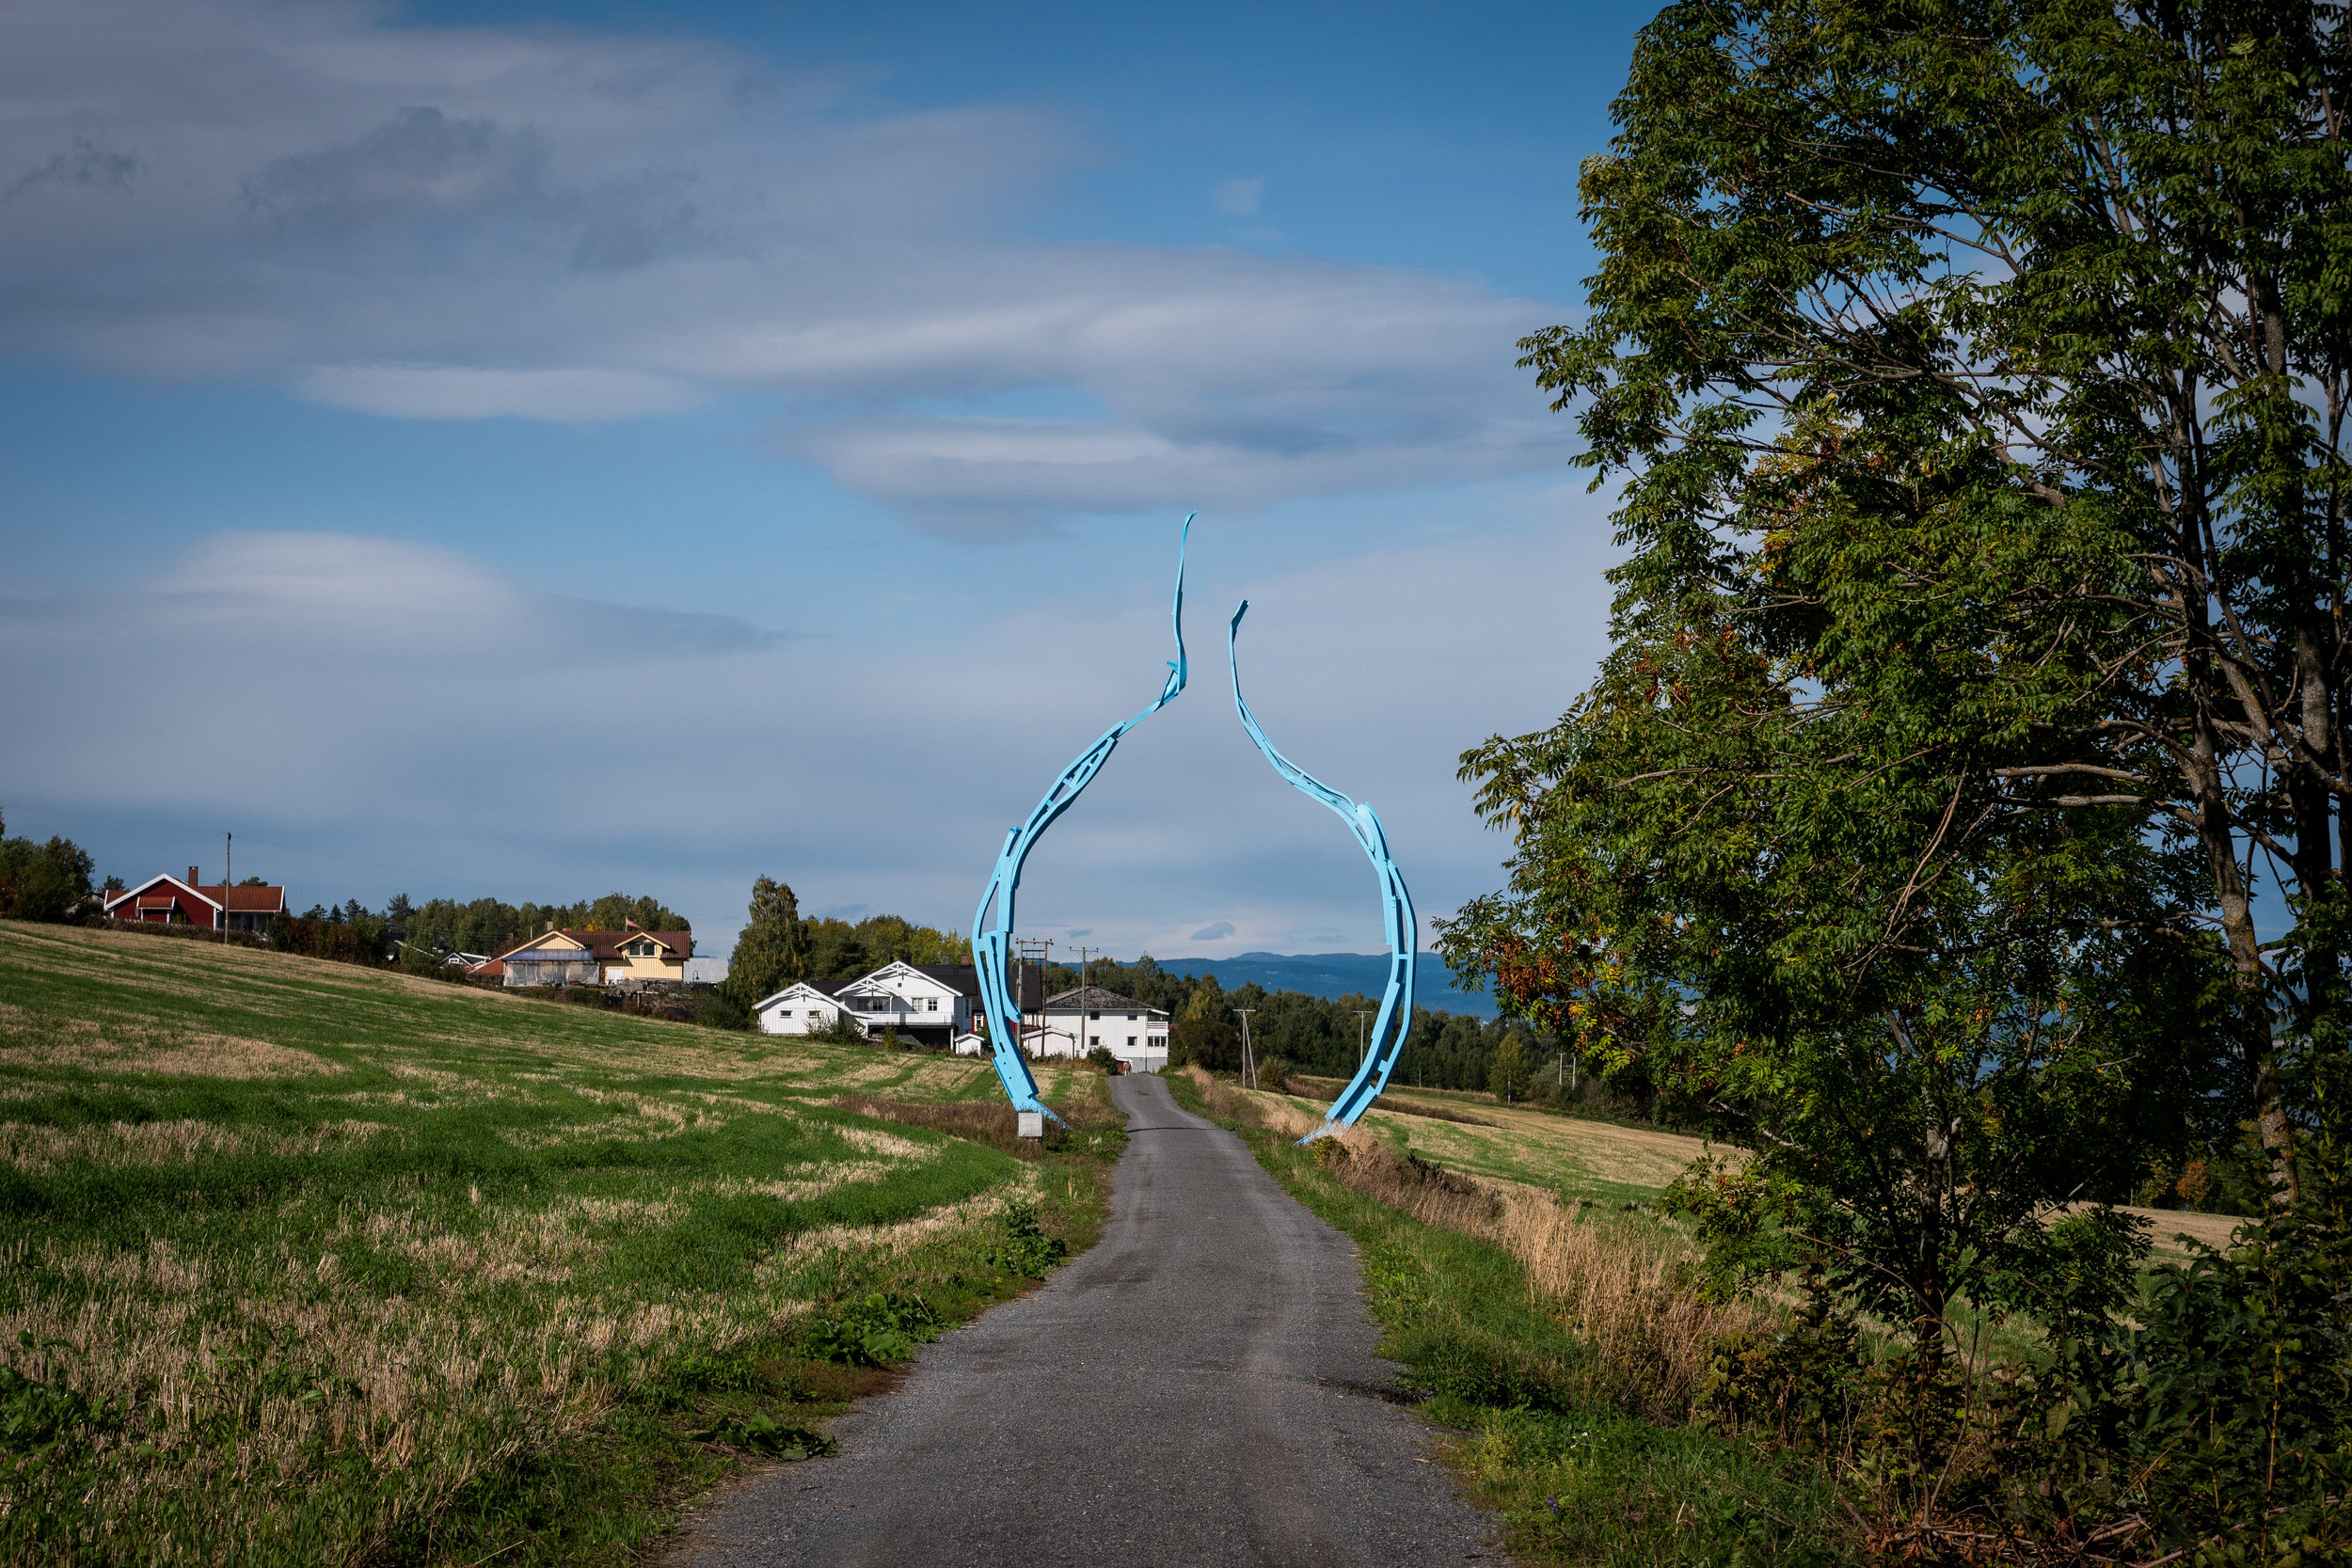 Foto: André Løyning